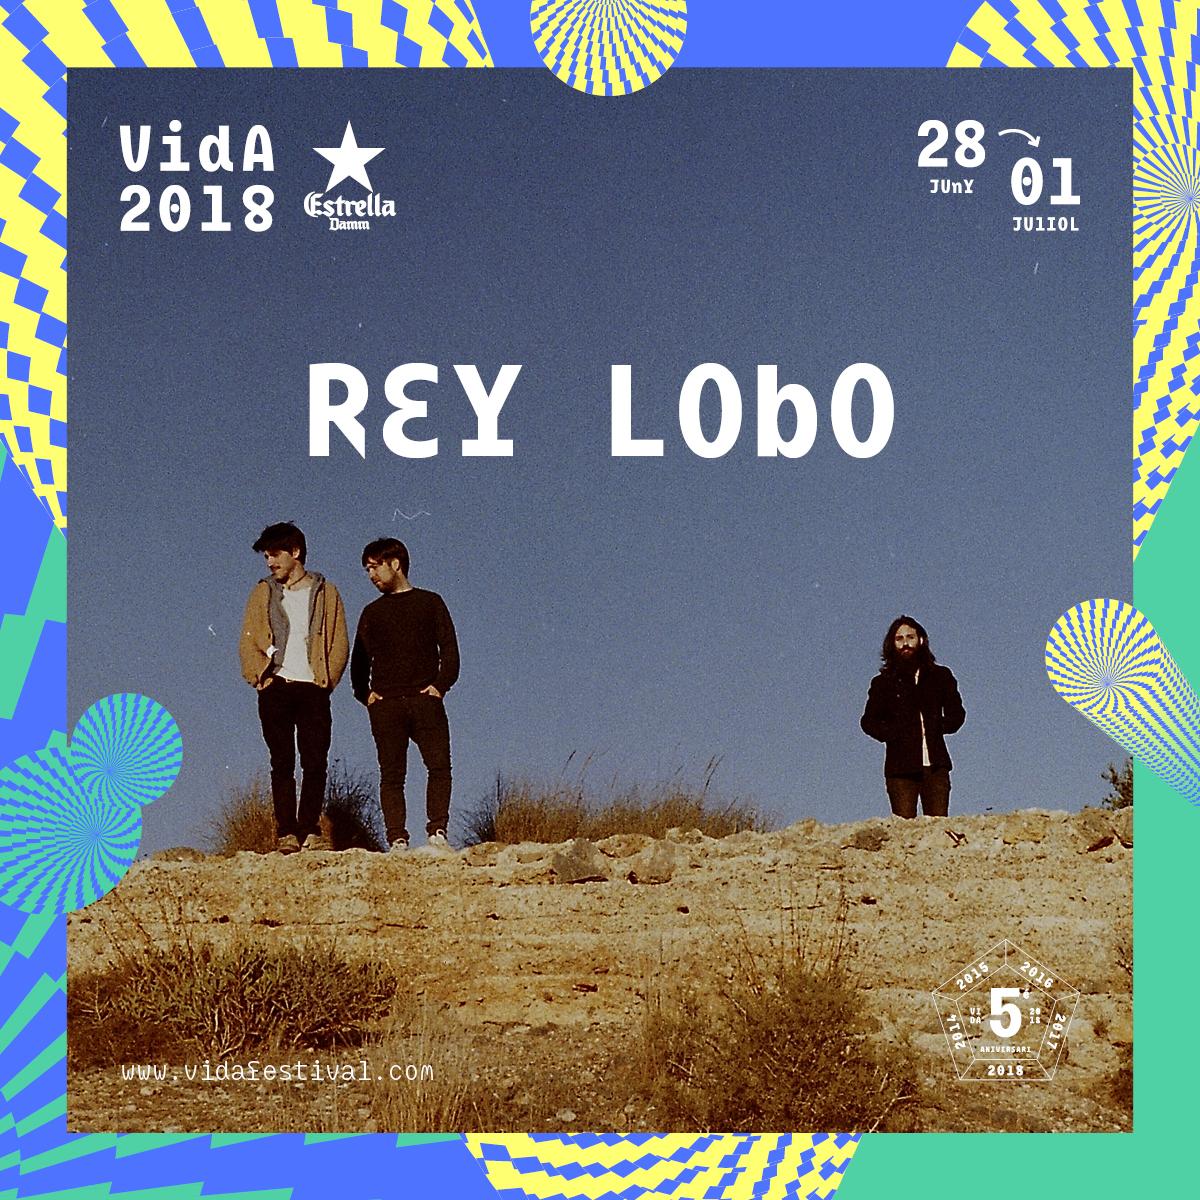 Rey Lobo 1200x1200 v2.jpg